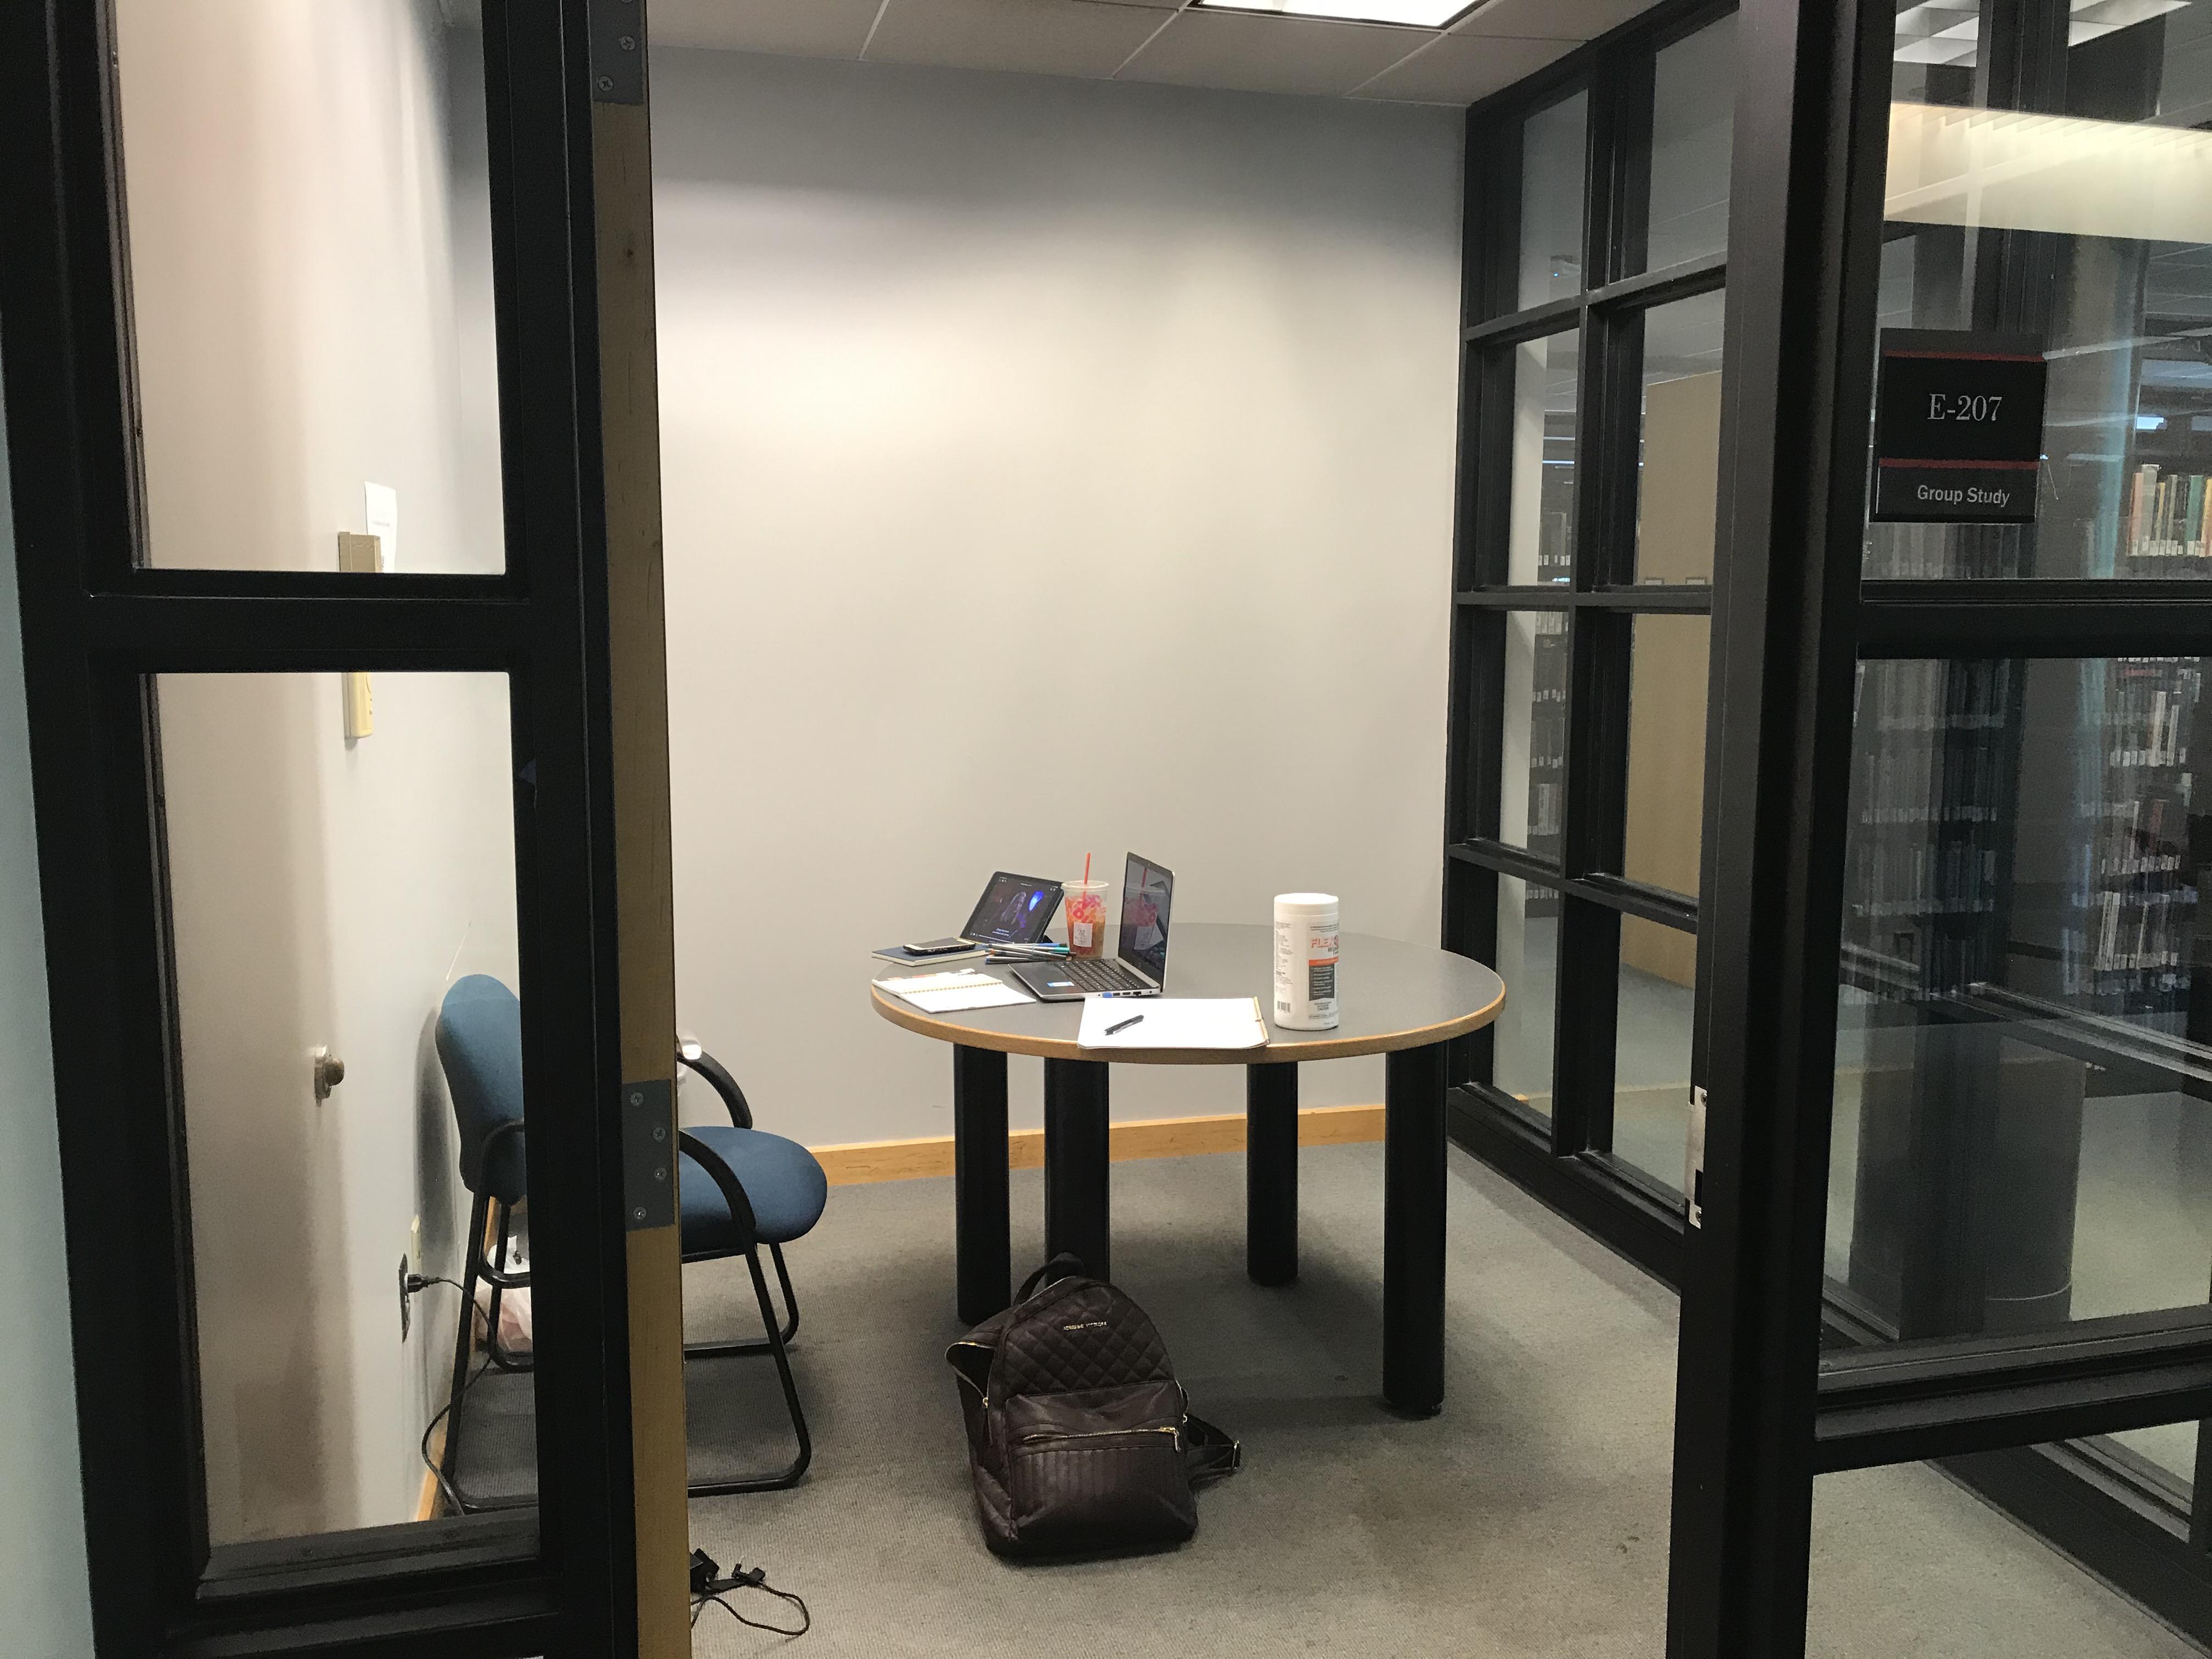 study room E-207